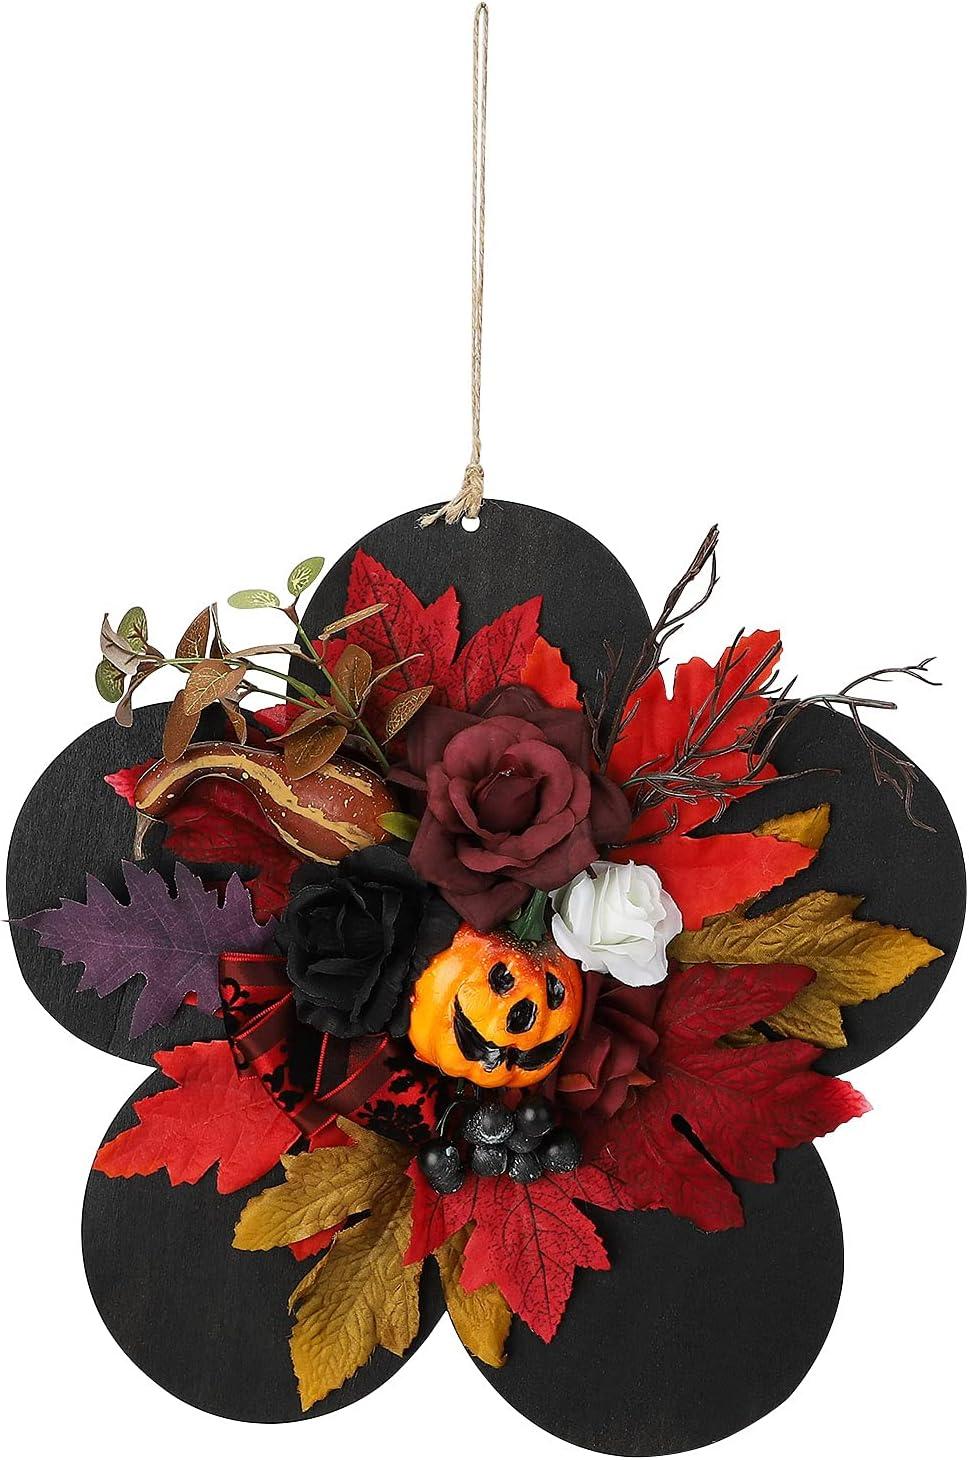 SAHLA 11.8inch Black Happy Halloween Wreath for Door Max 59% OFF Front Hallo Popular popular